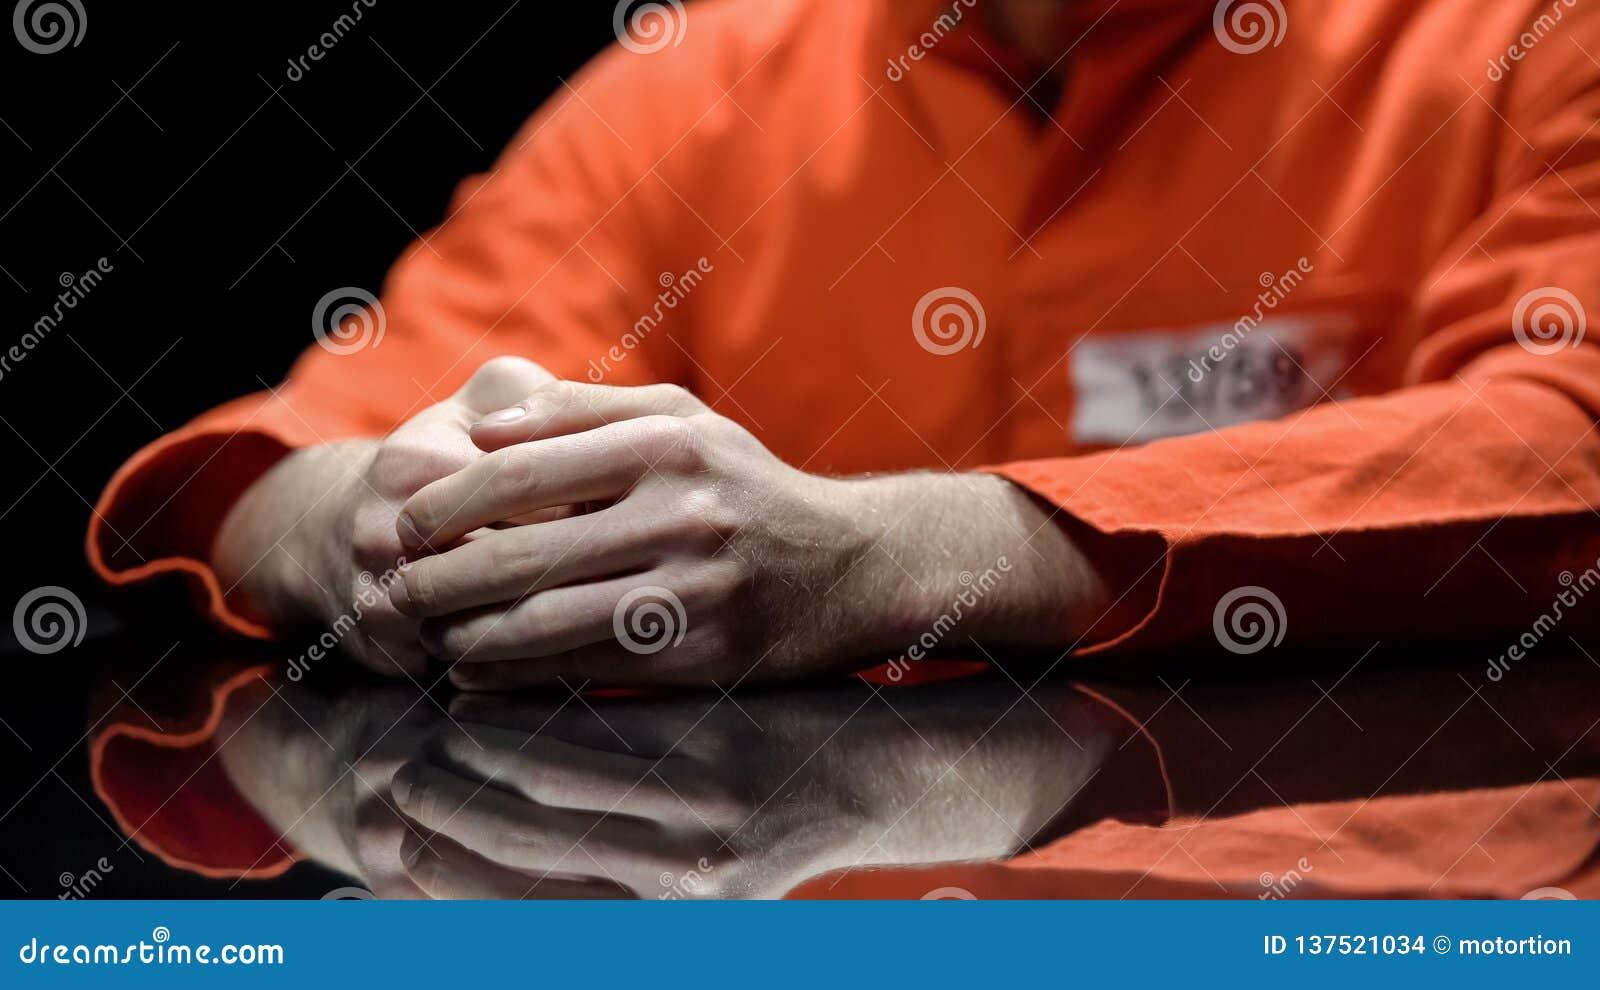 Mano del preso masculino, interno que da pruebas en el sitio de detención, cooperación